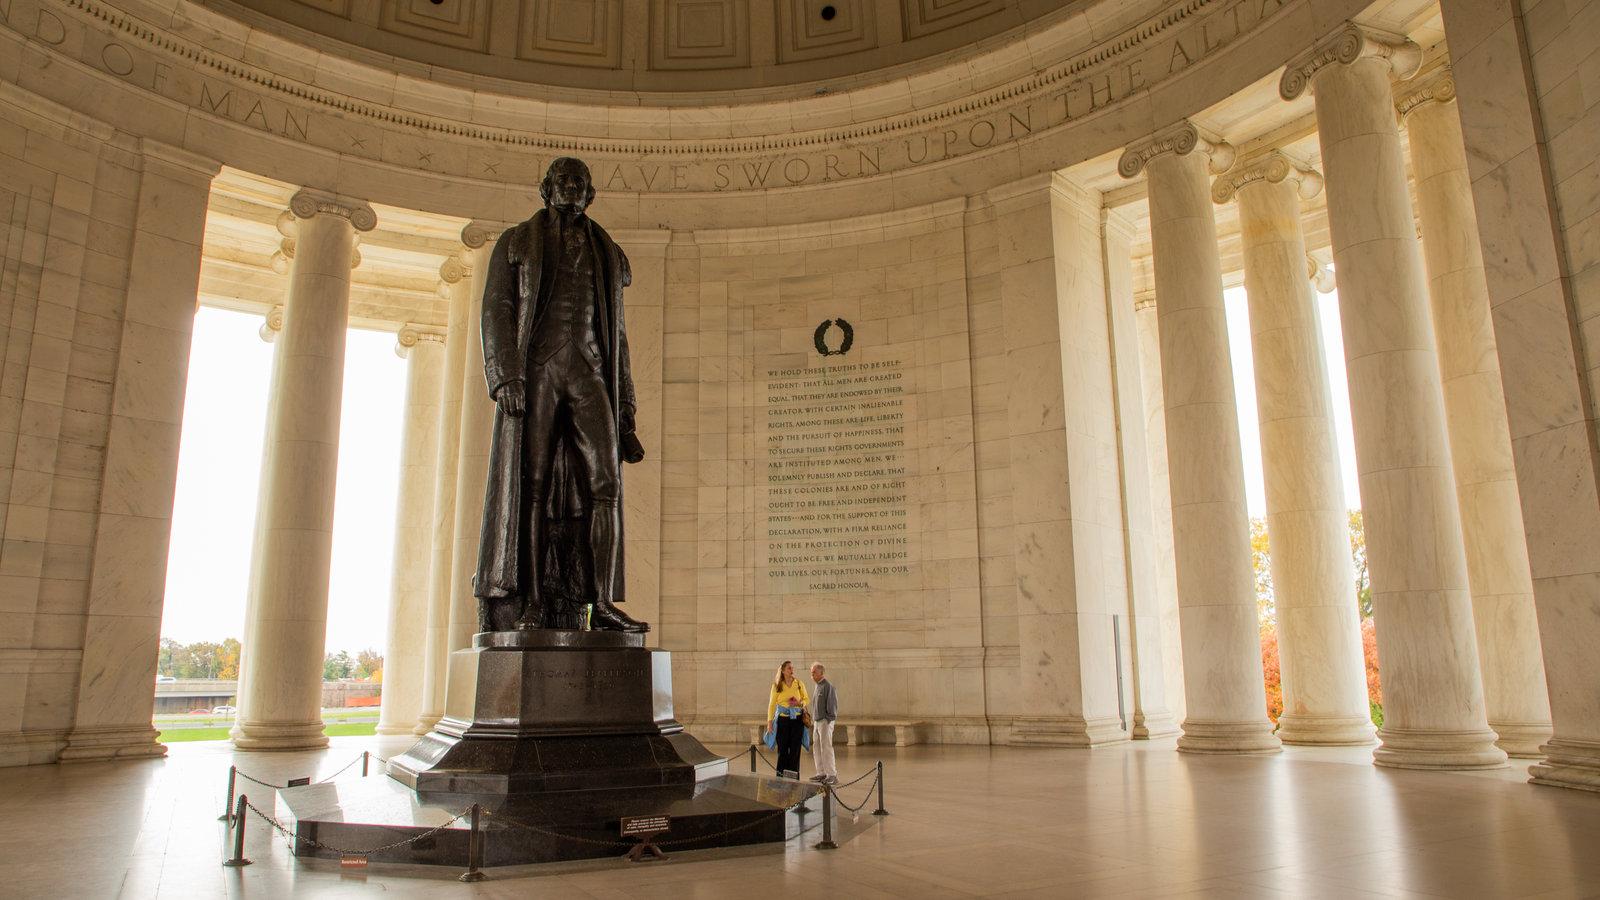 Jefferson Memorial mostrando uma estátua ou escultura, elementos de patrimônio e vistas internas